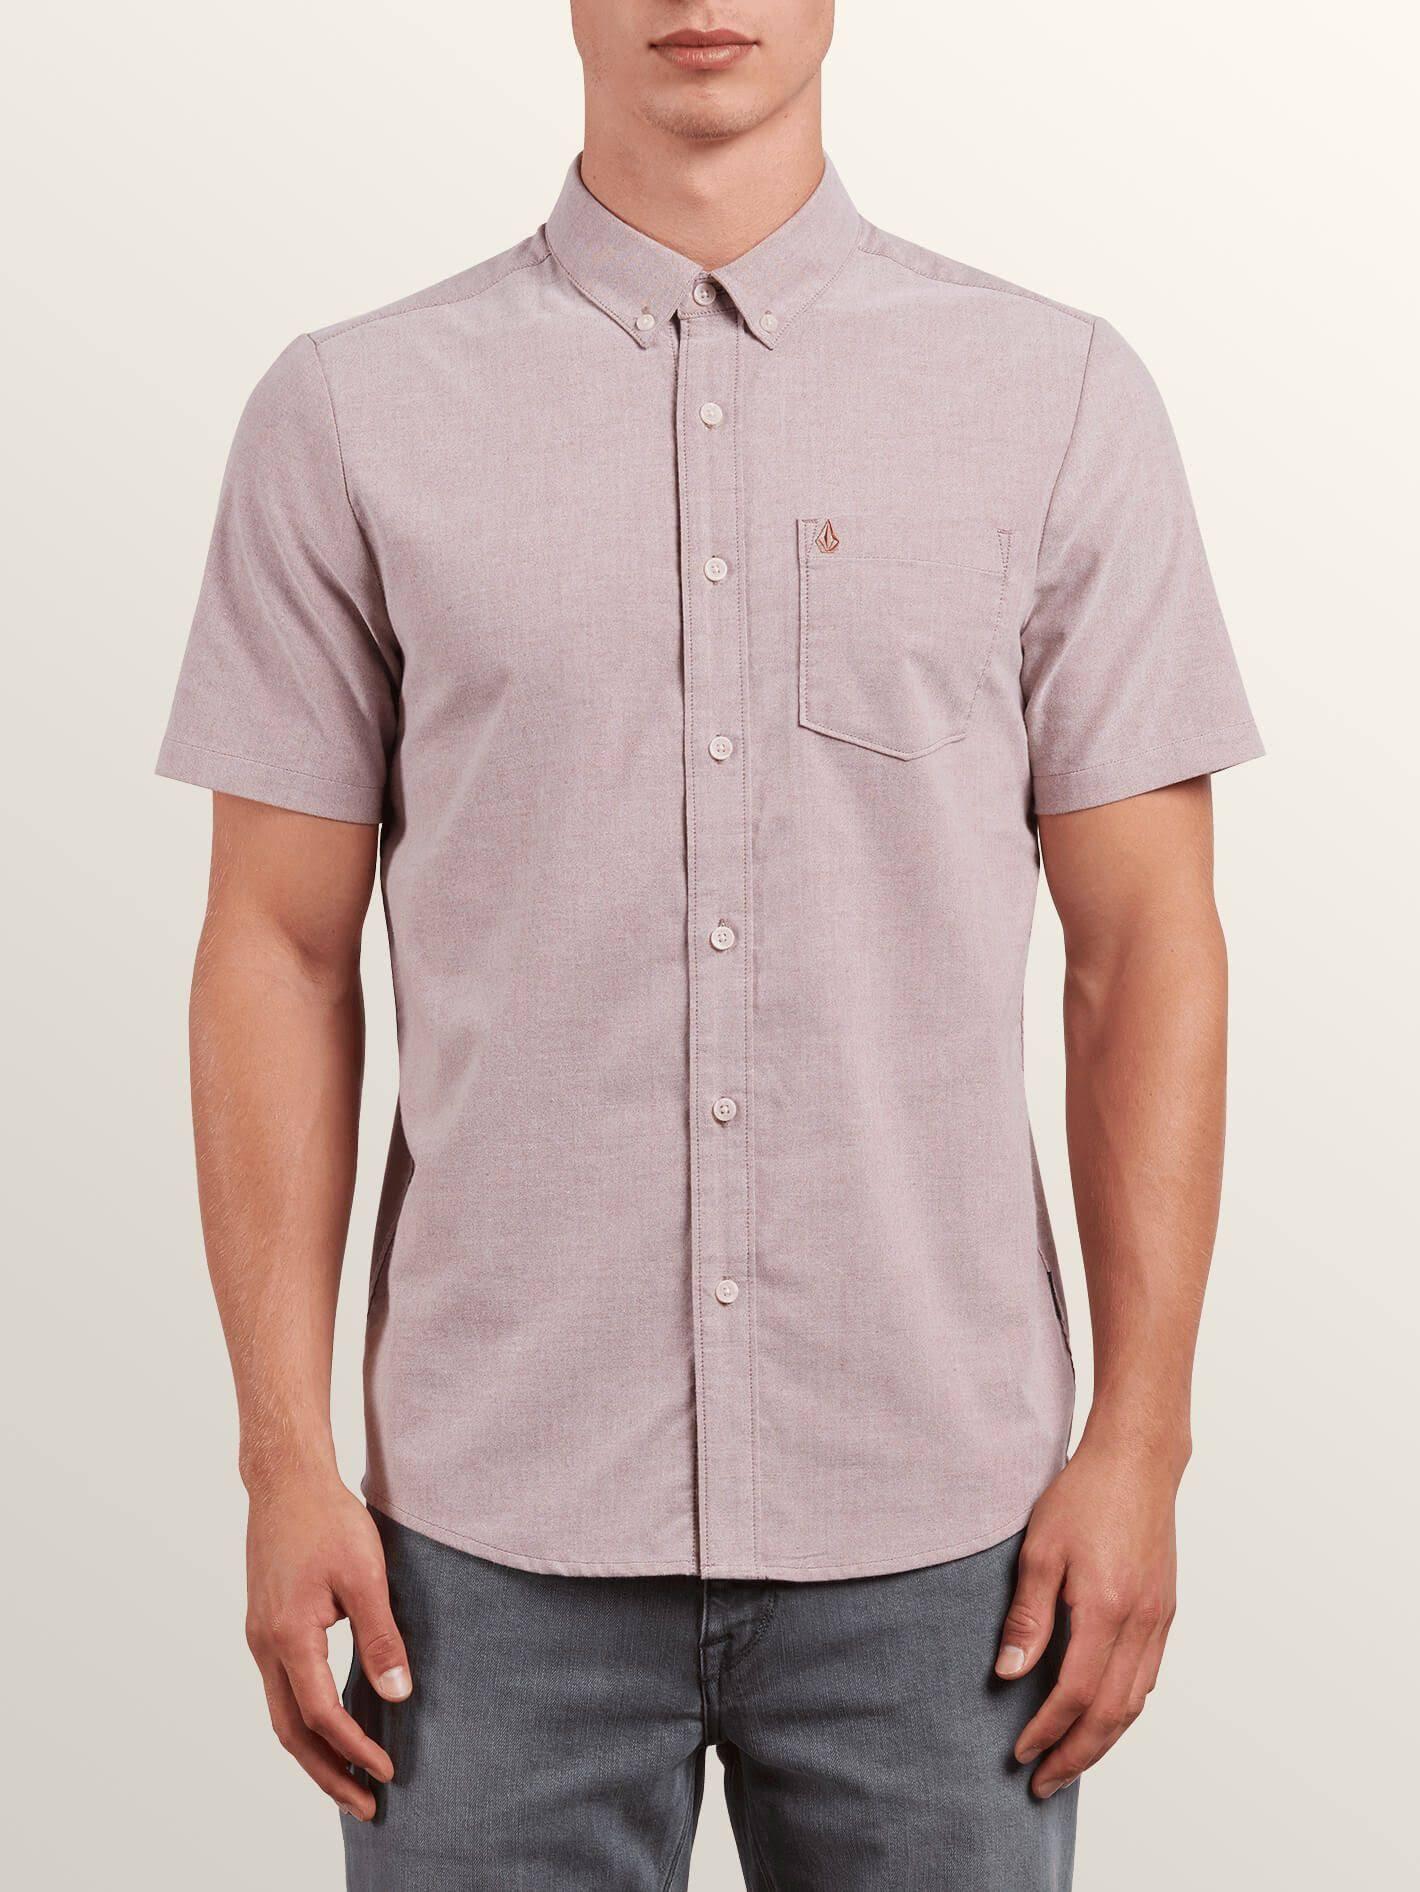 Oxford Everett Everett Camisa Camisa Volcom Volcom Oxford Carmesí Carmesí qg0TwUxU